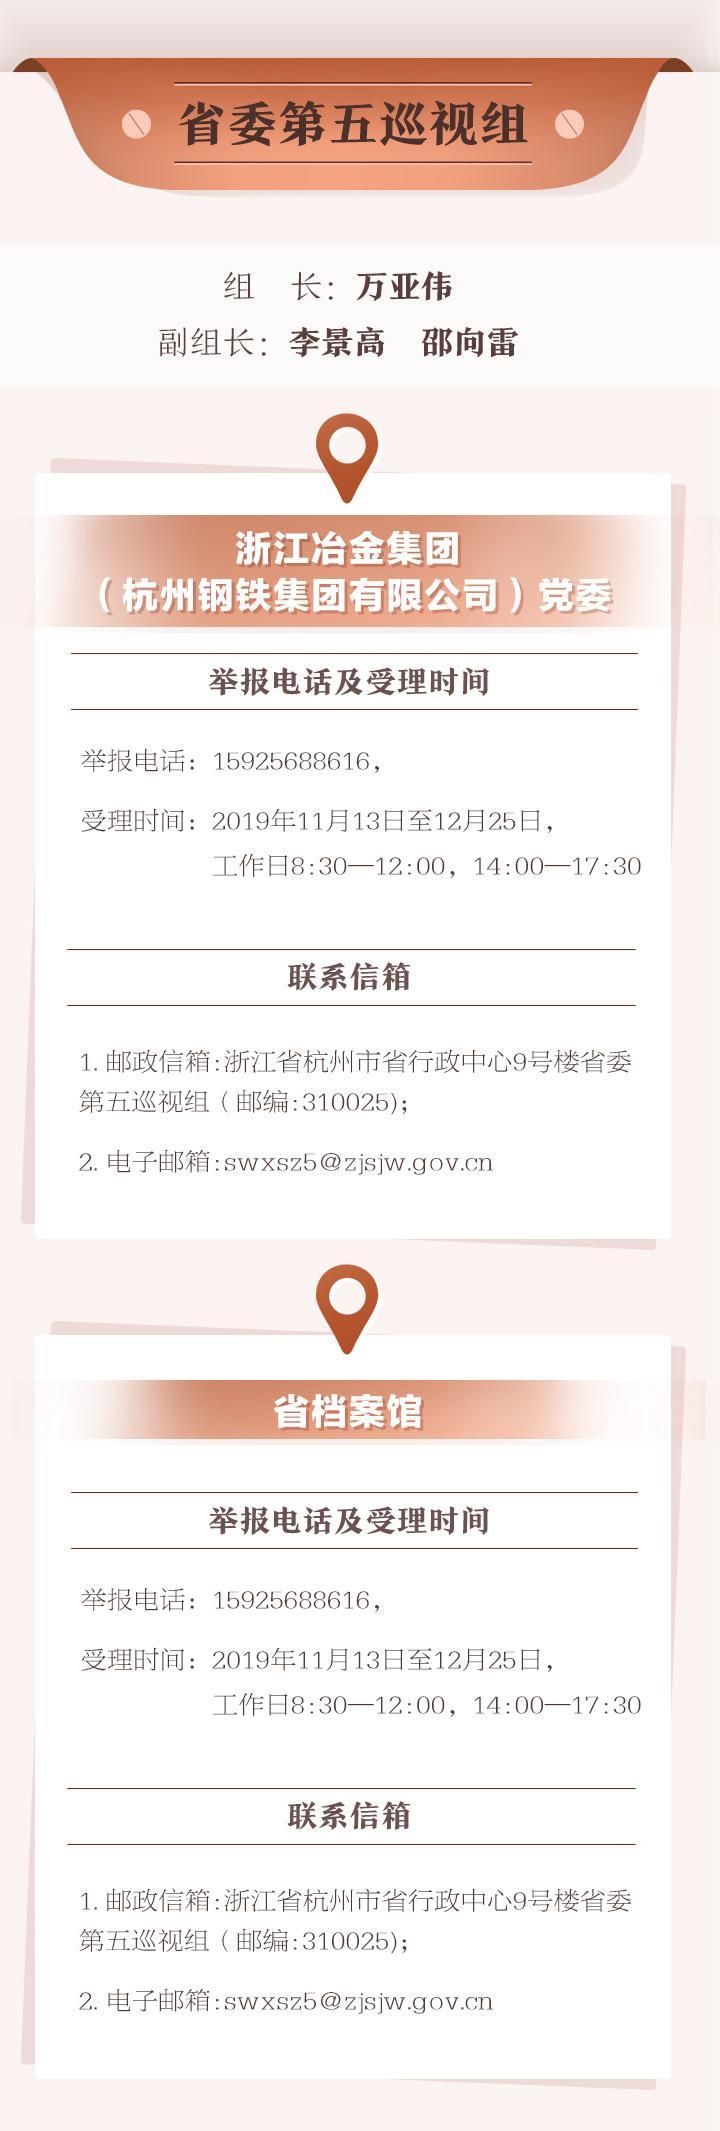 十四届省委第七轮巡视进驻情况一览表_06.jpg